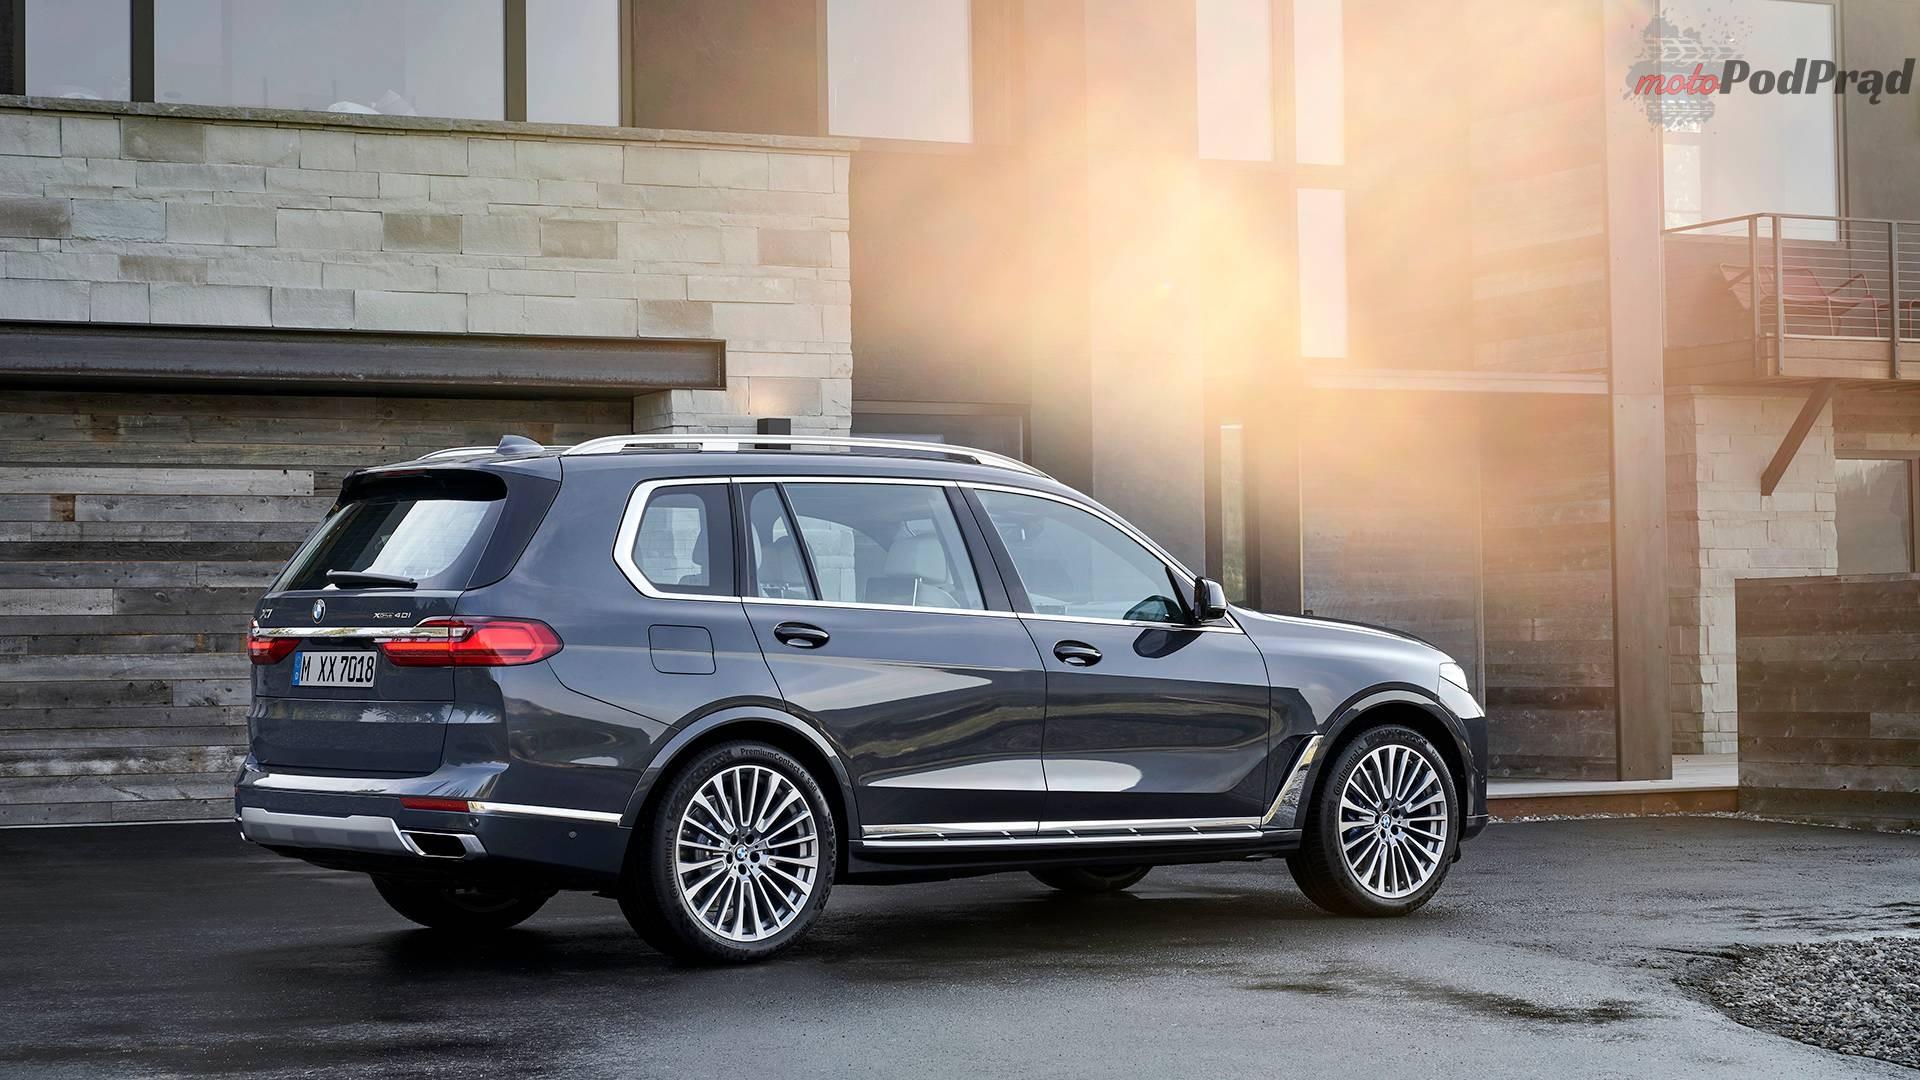 2019 bmw x7 BMW X7: Radość z jazdy razy 7